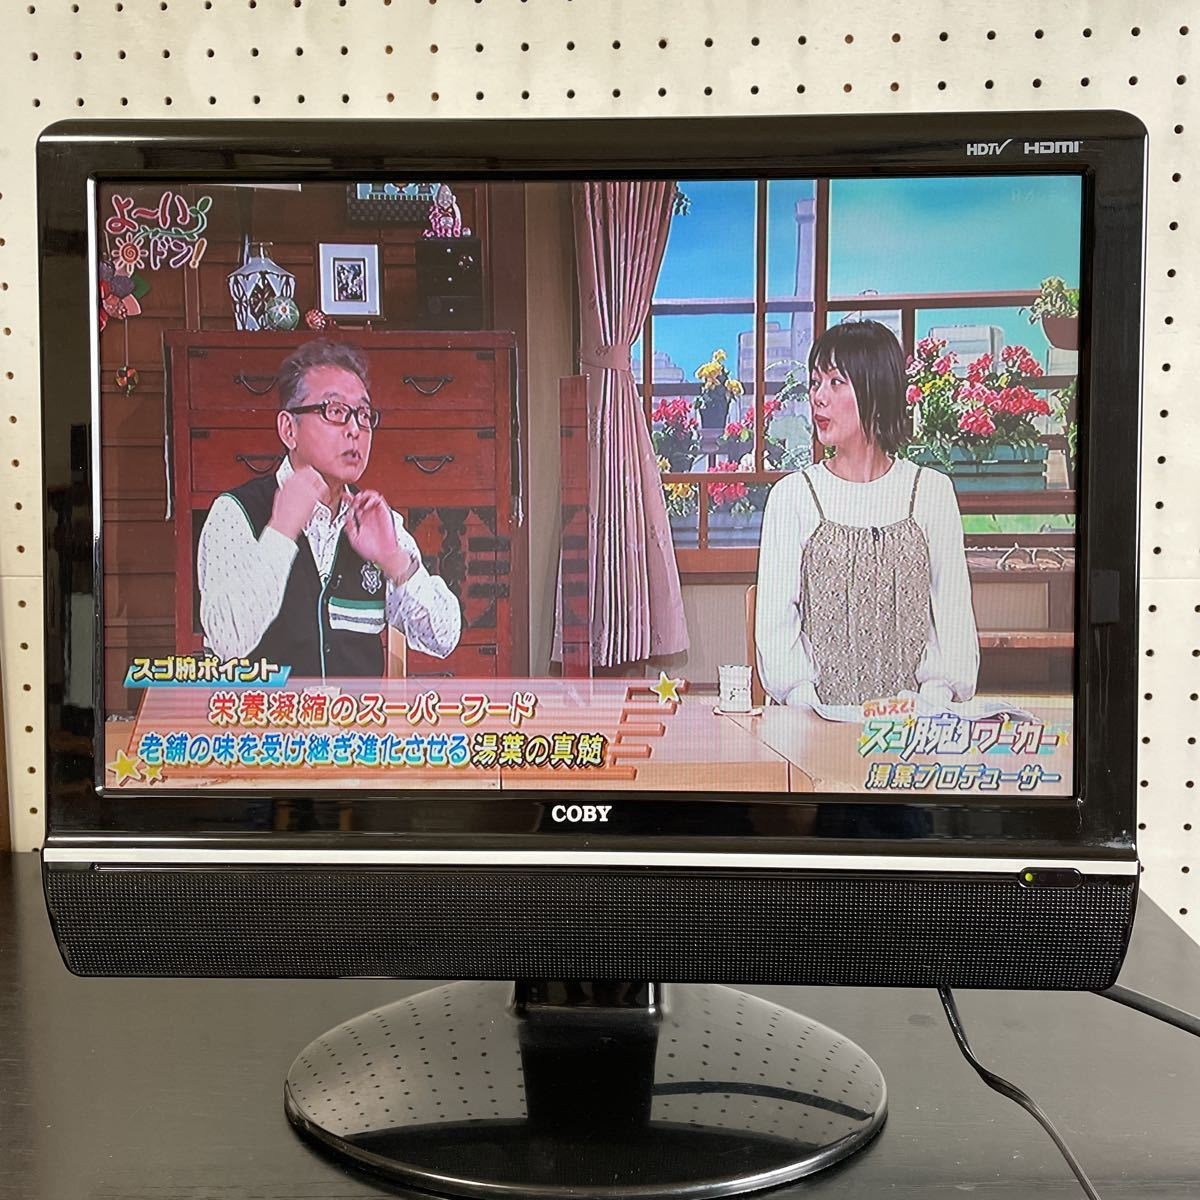 COBY液晶テレビ 19V型 地上デジタルハイビジョン液晶TV LTV-19WD1 送料無料_画像1